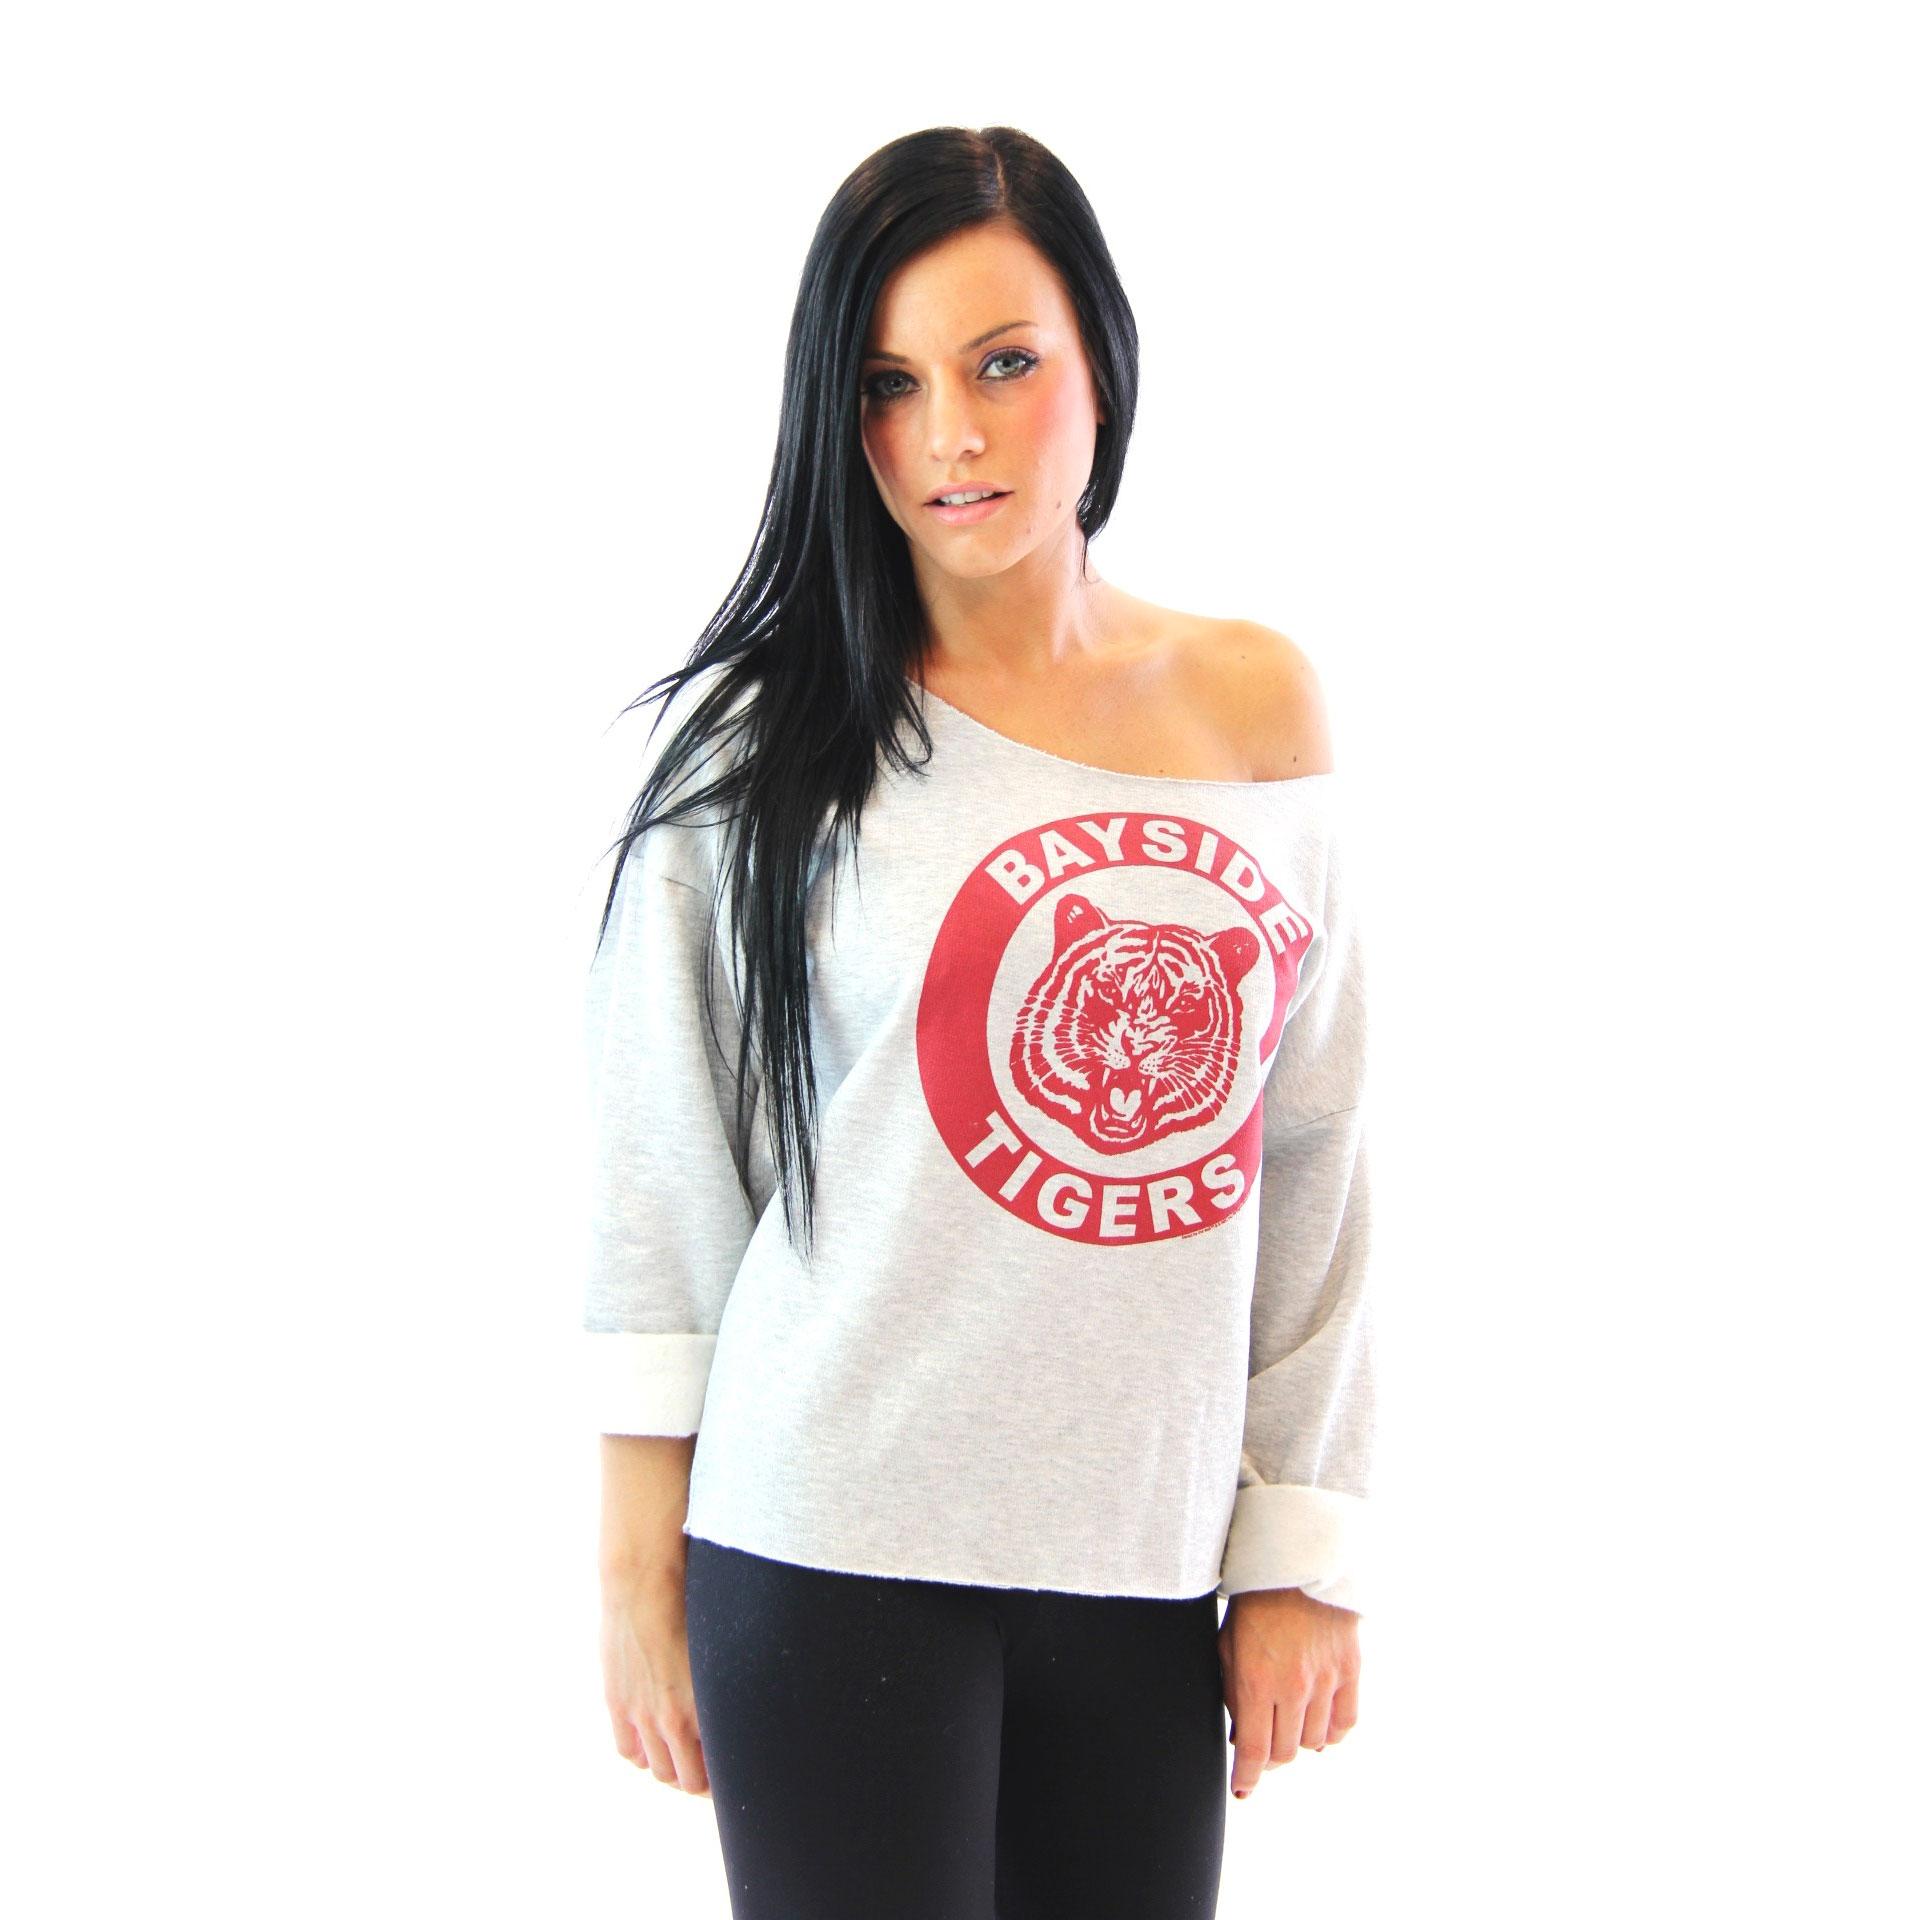 Kelly Kapowski Christmas Sweater - Kelly Kapowski Photo Shirt: 80s ...